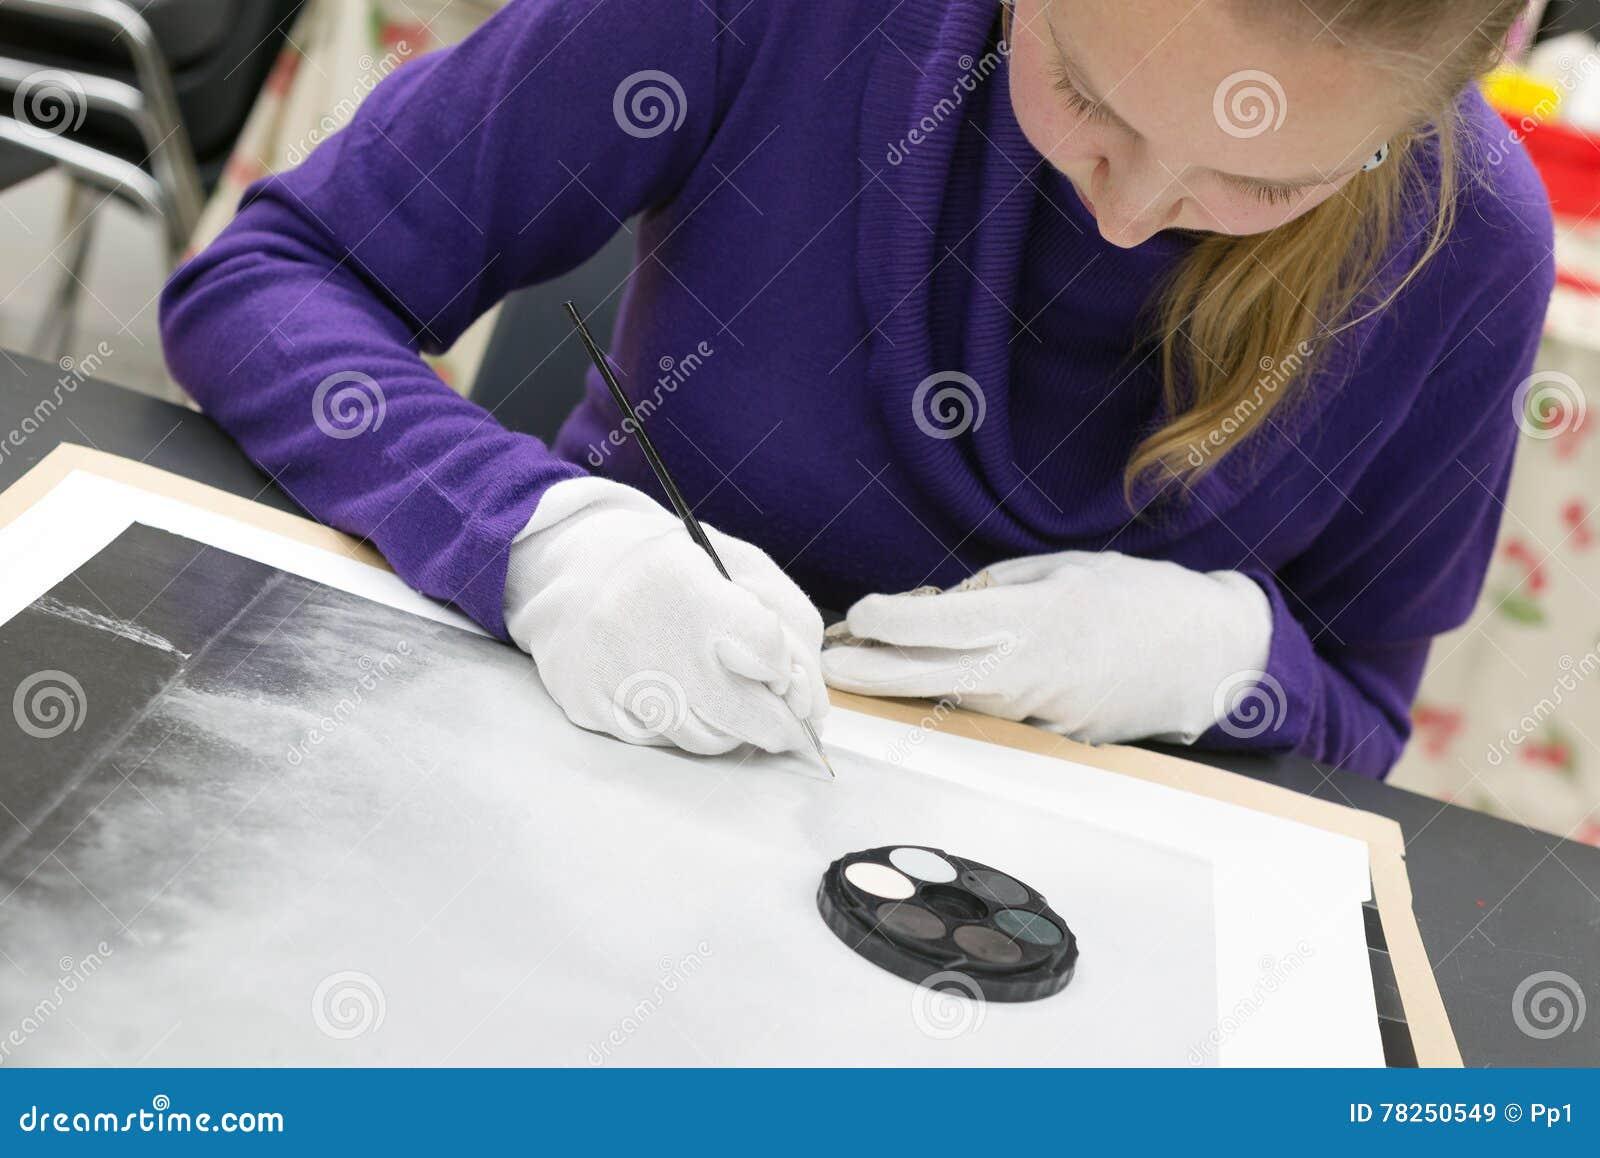 Χειρωνακτικό ρετουσάρισμα τυπωμένων υλών φωτογραφιών από τη γυναίκα με το μελάνι βουρτσών και χρωστικών ουσιών